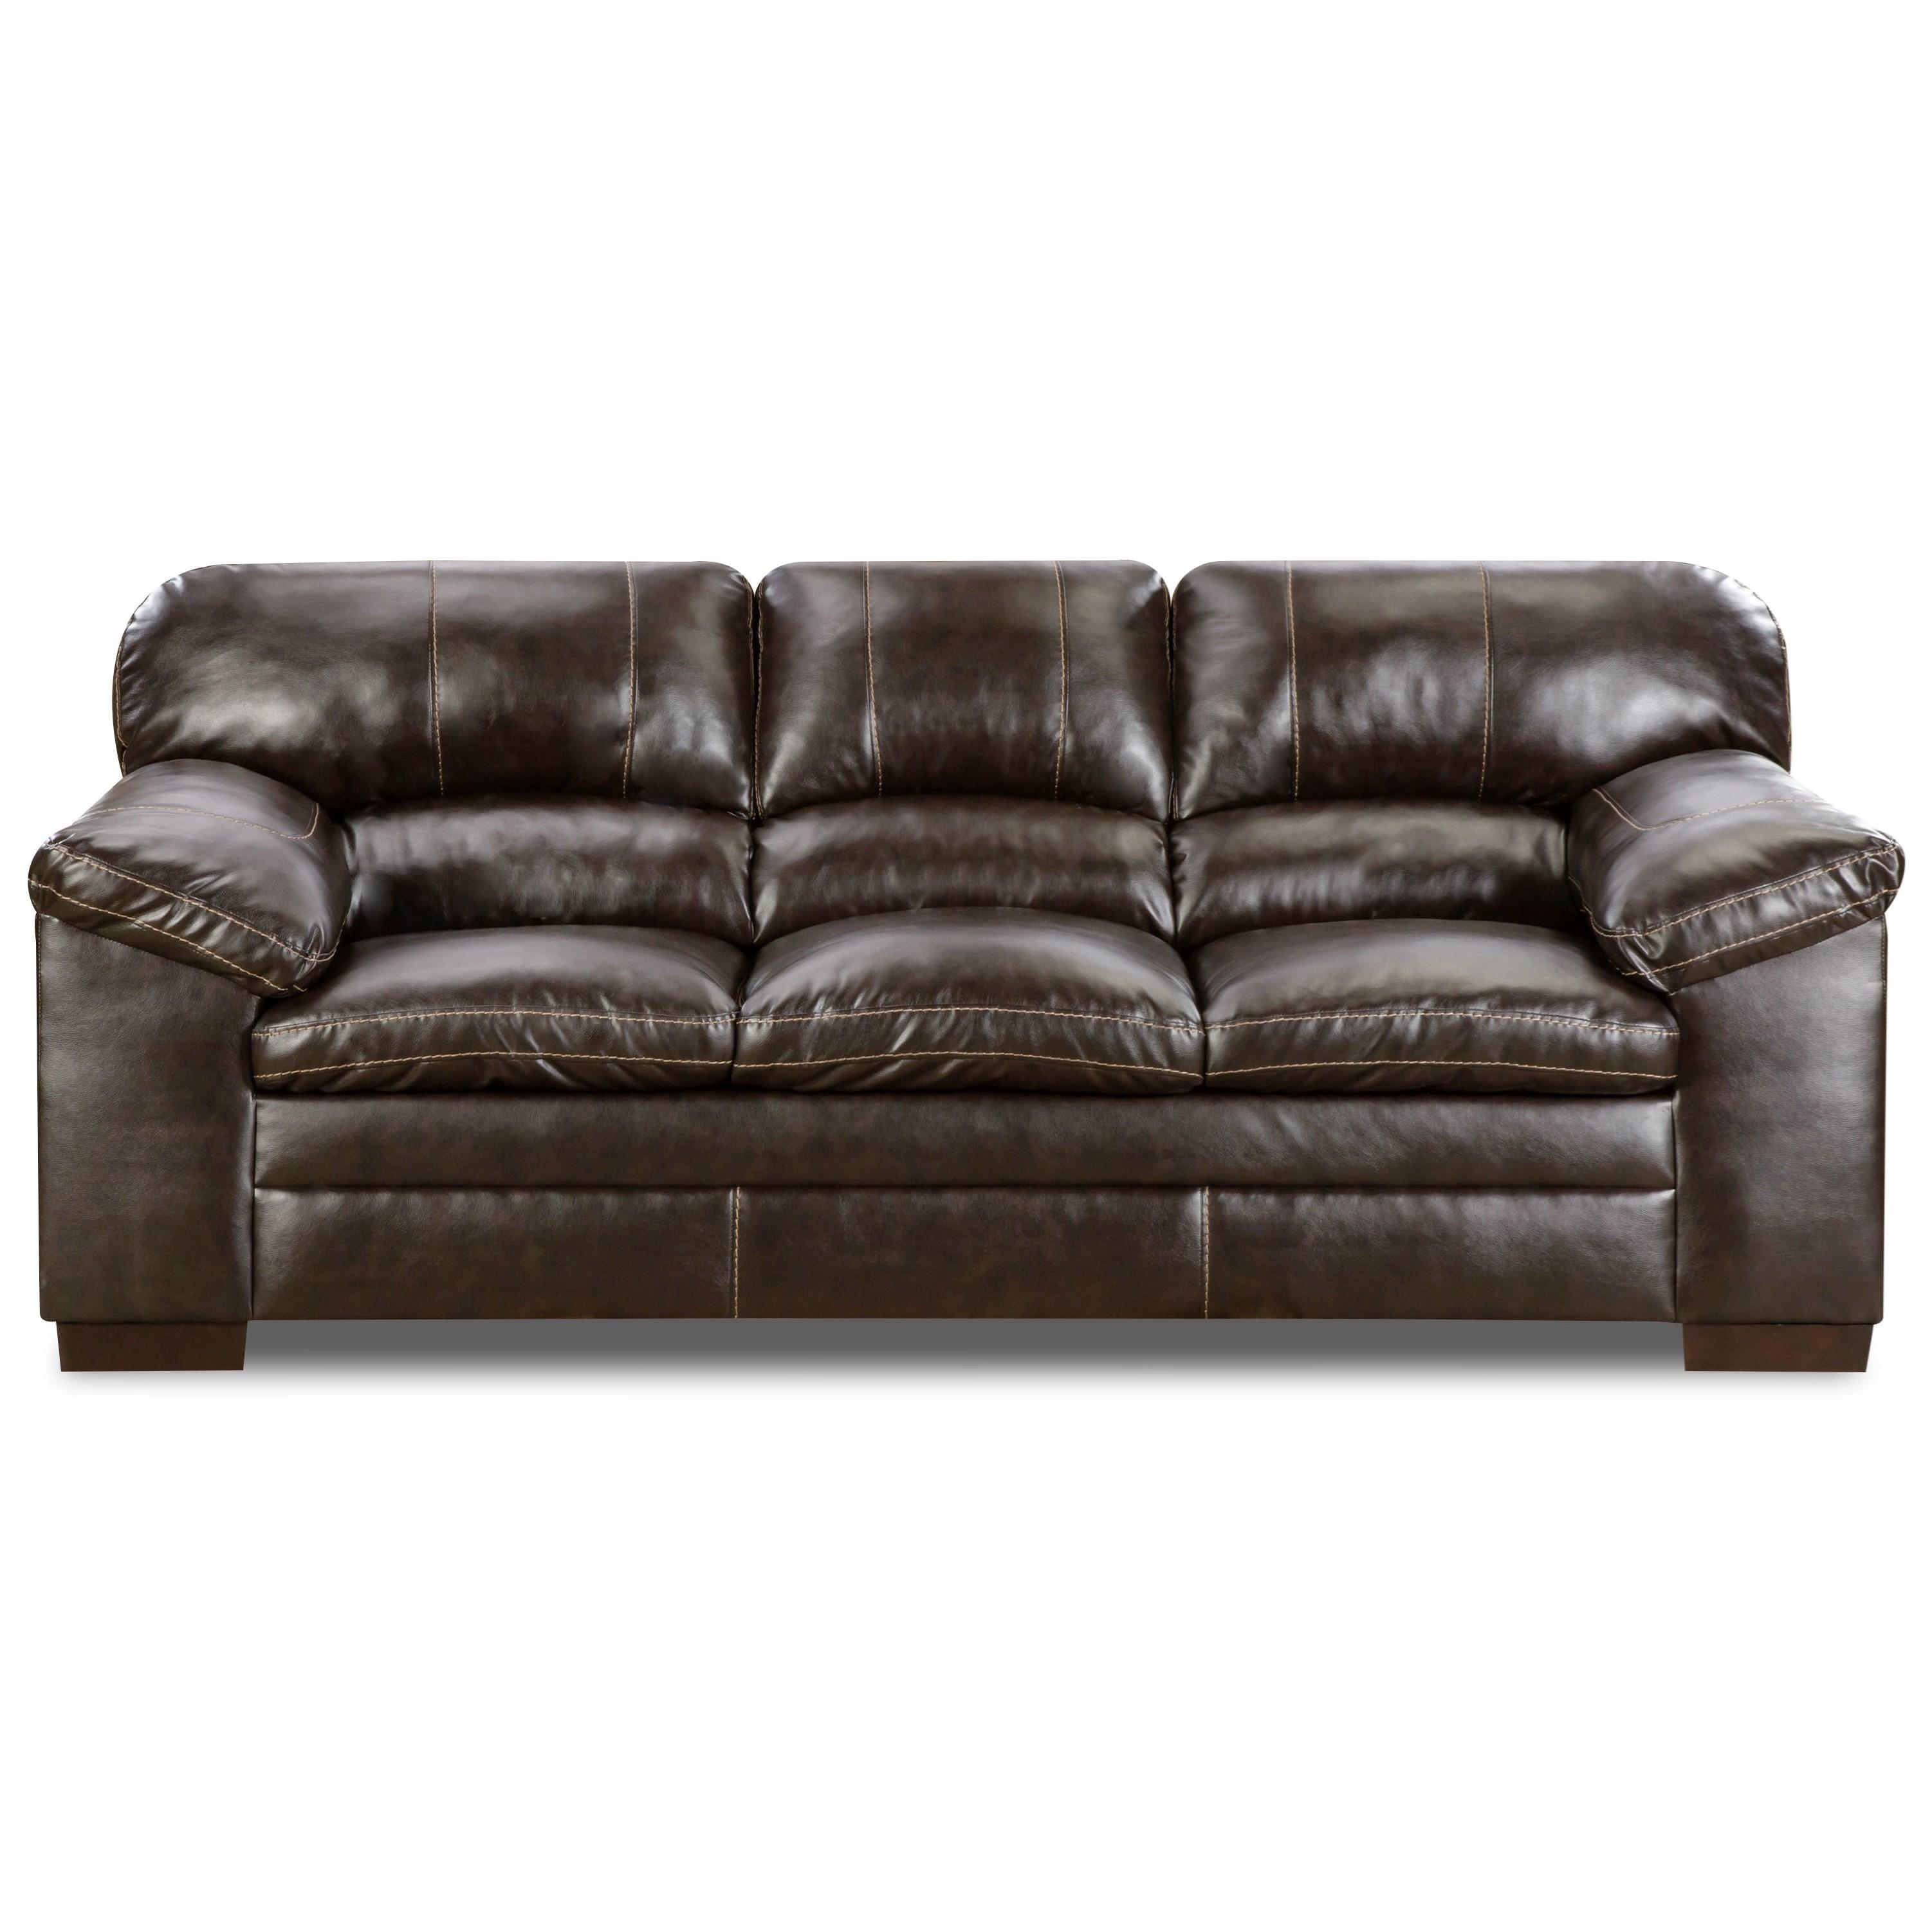 Simmons Upholstery 8049 Casual Sofa - Item Number: 8049Sofa-BingoBrown